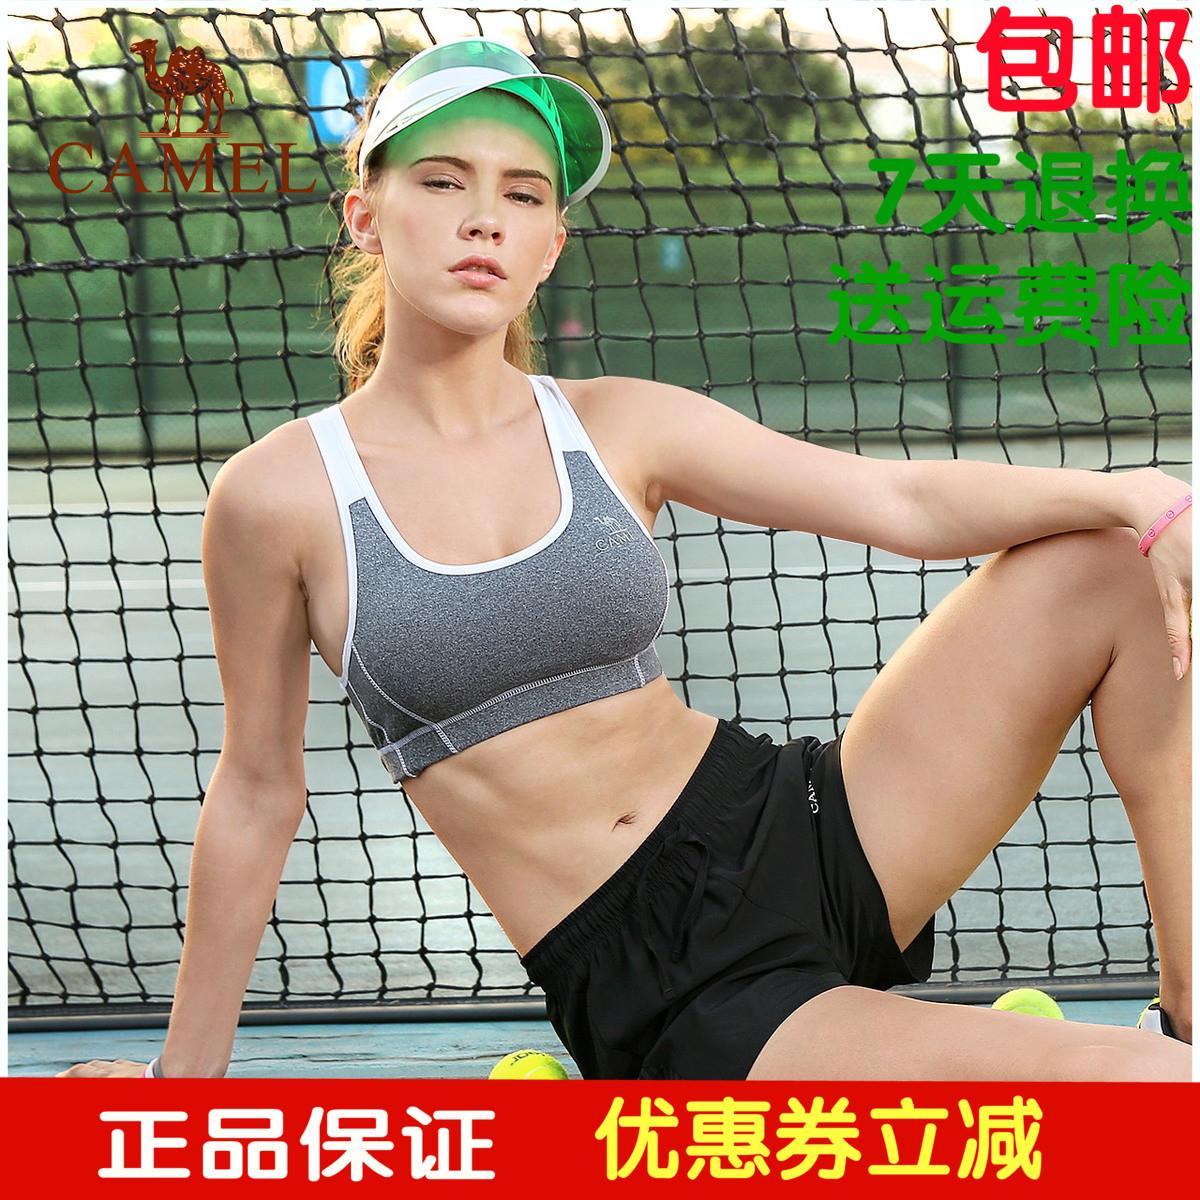 2017新品骆驼运动文胸 女款内衣瑜伽背心健身健美运动文胸 女胸罩